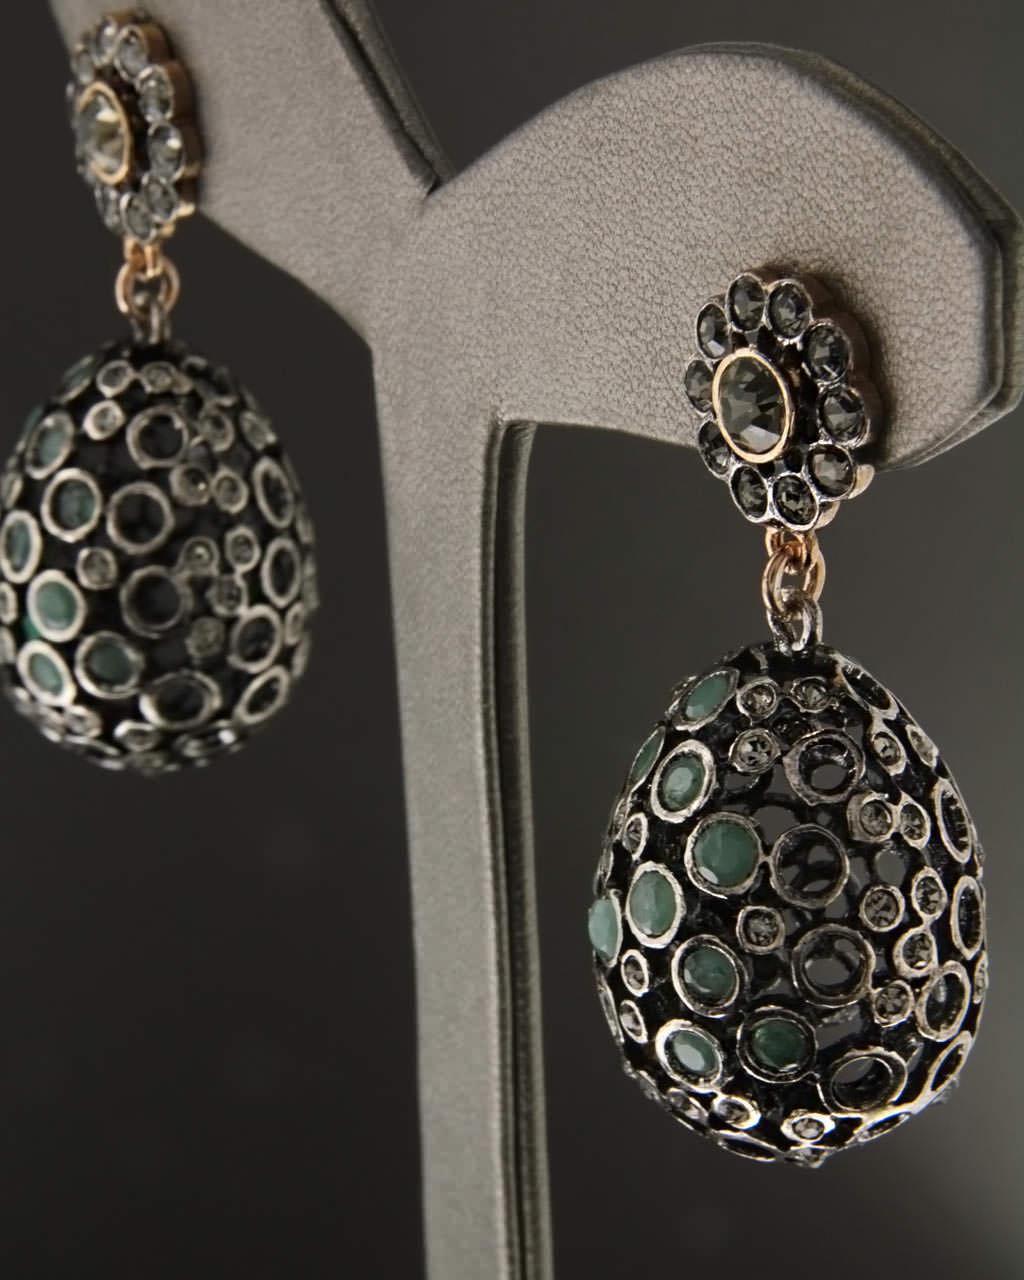 Σκουλαρίκια ασημένια 925 με Αβεντουρίνη & Ζιργκόν   γυναικα σκουλαρίκια σκουλαρίκια ημιπολύτιμοι λίθοι